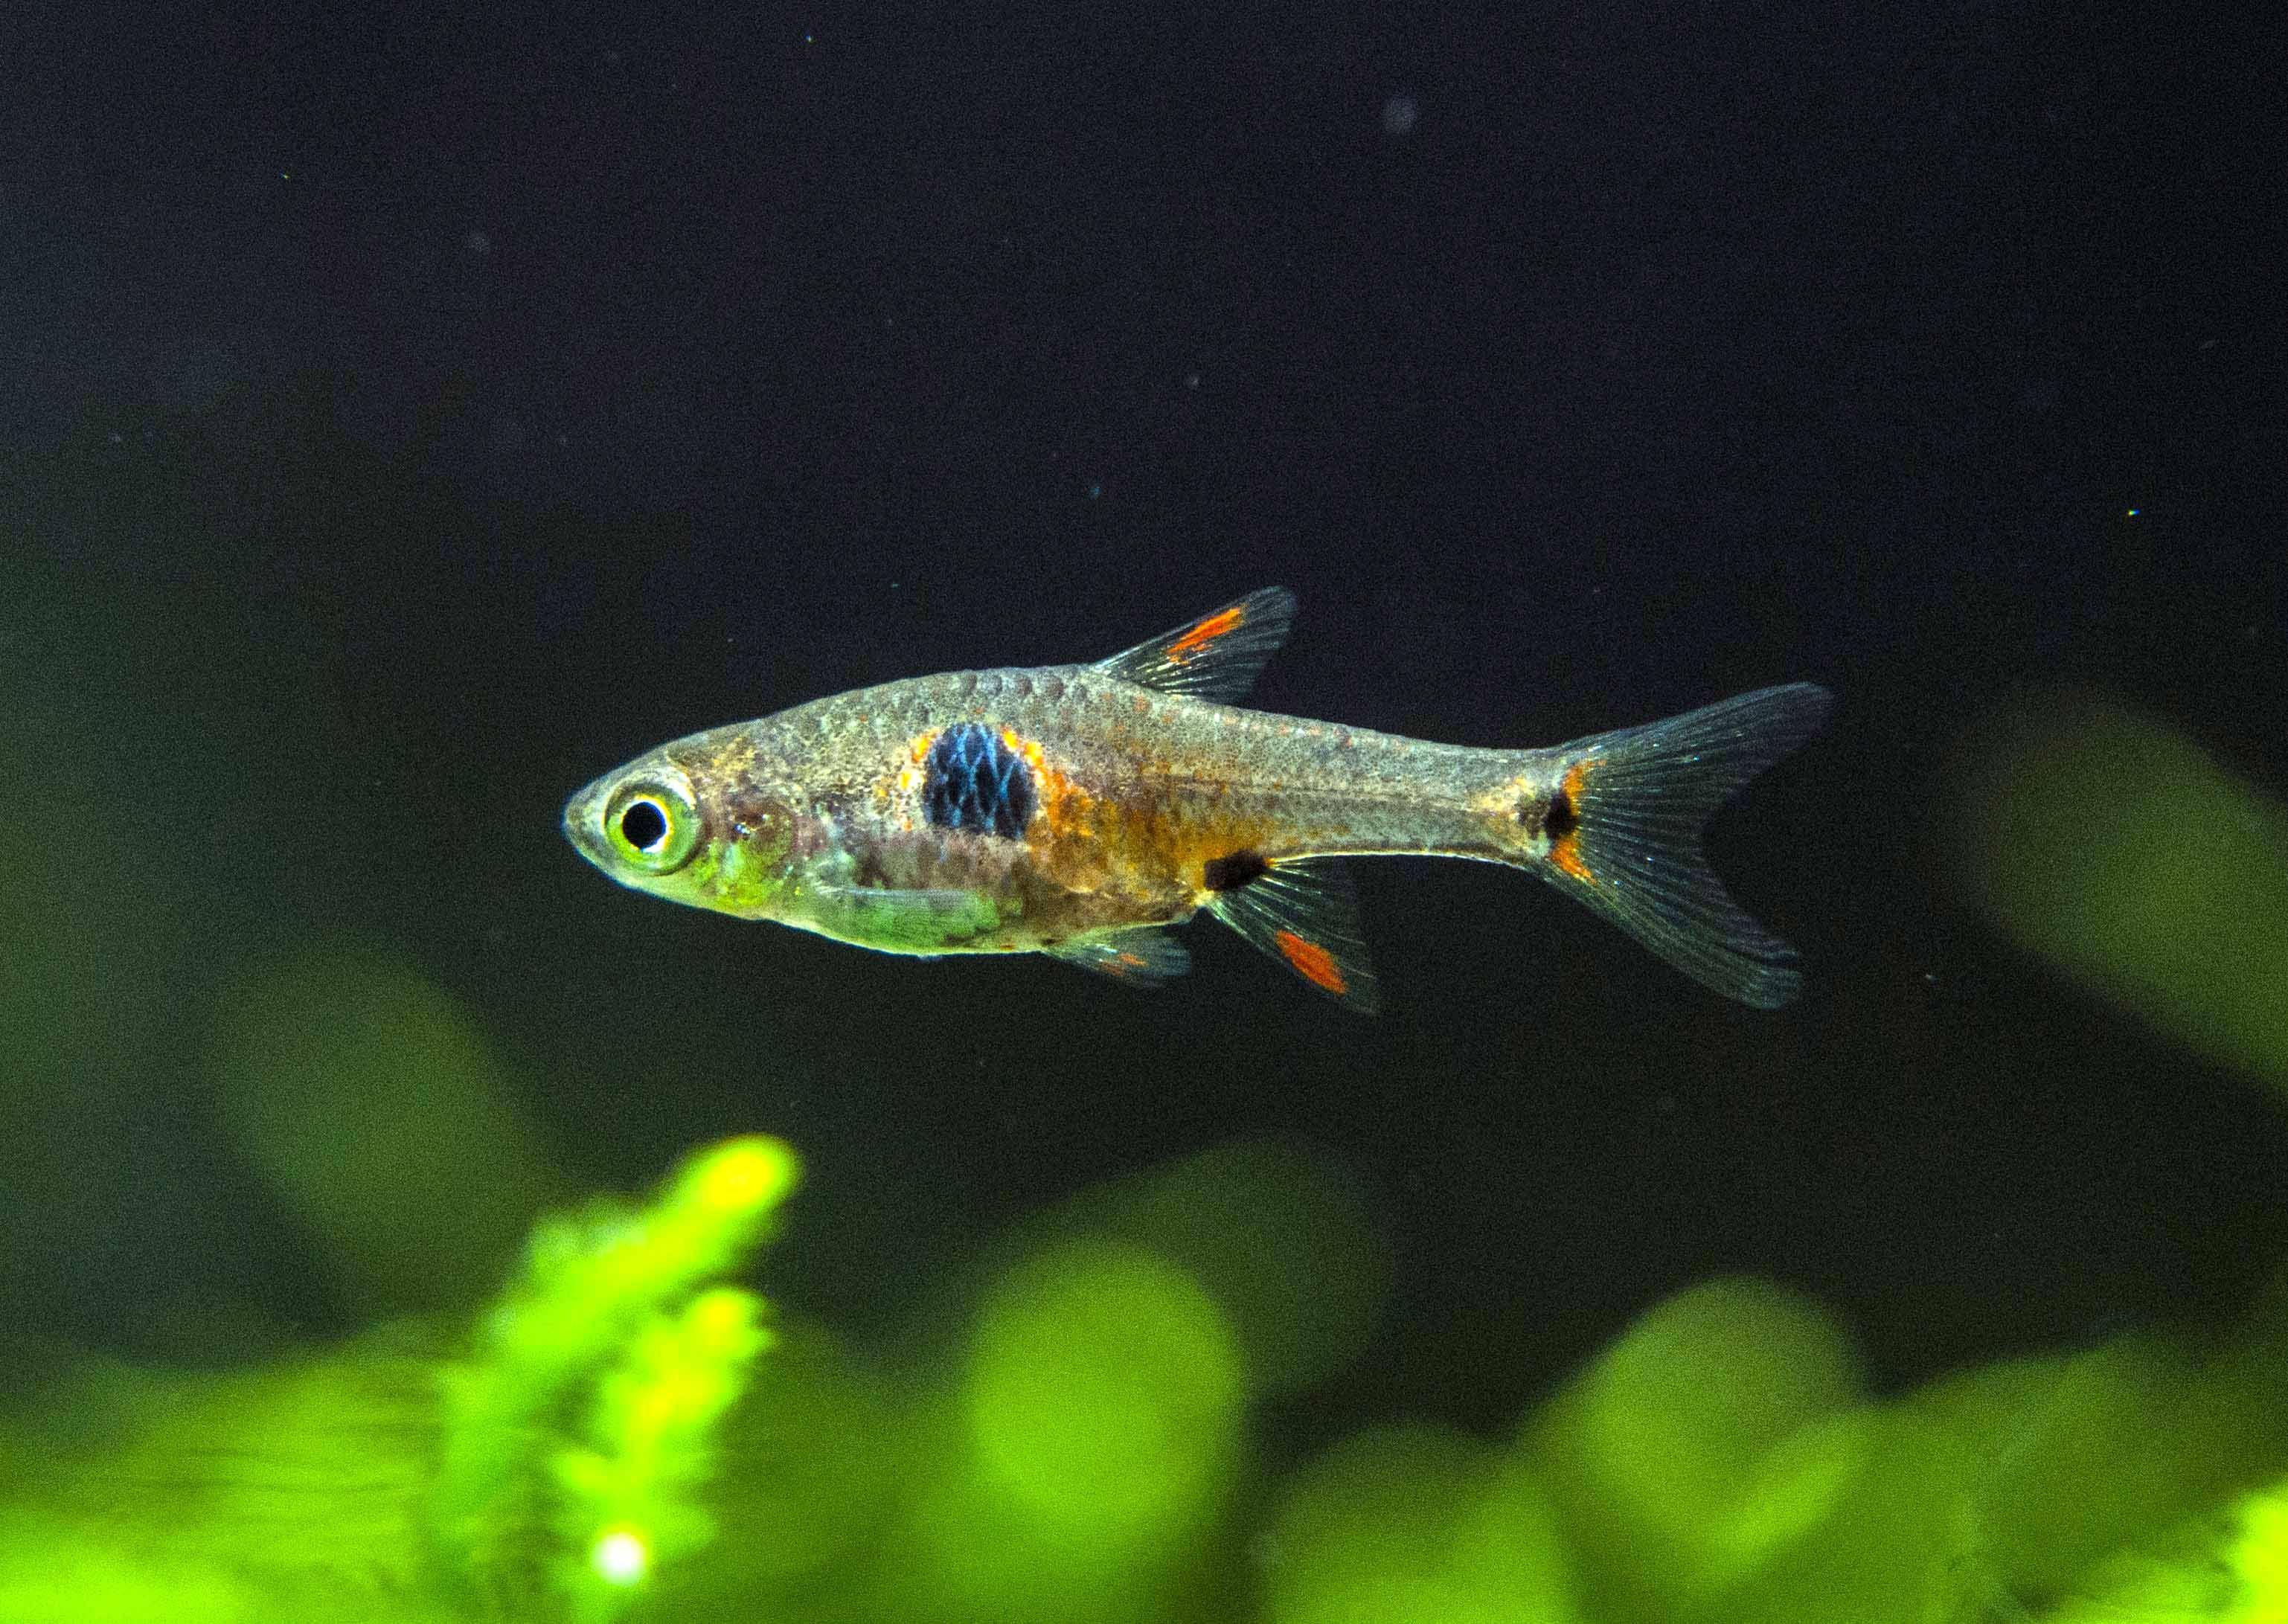 Freshwater aquarium fish under 2 inches - Fish